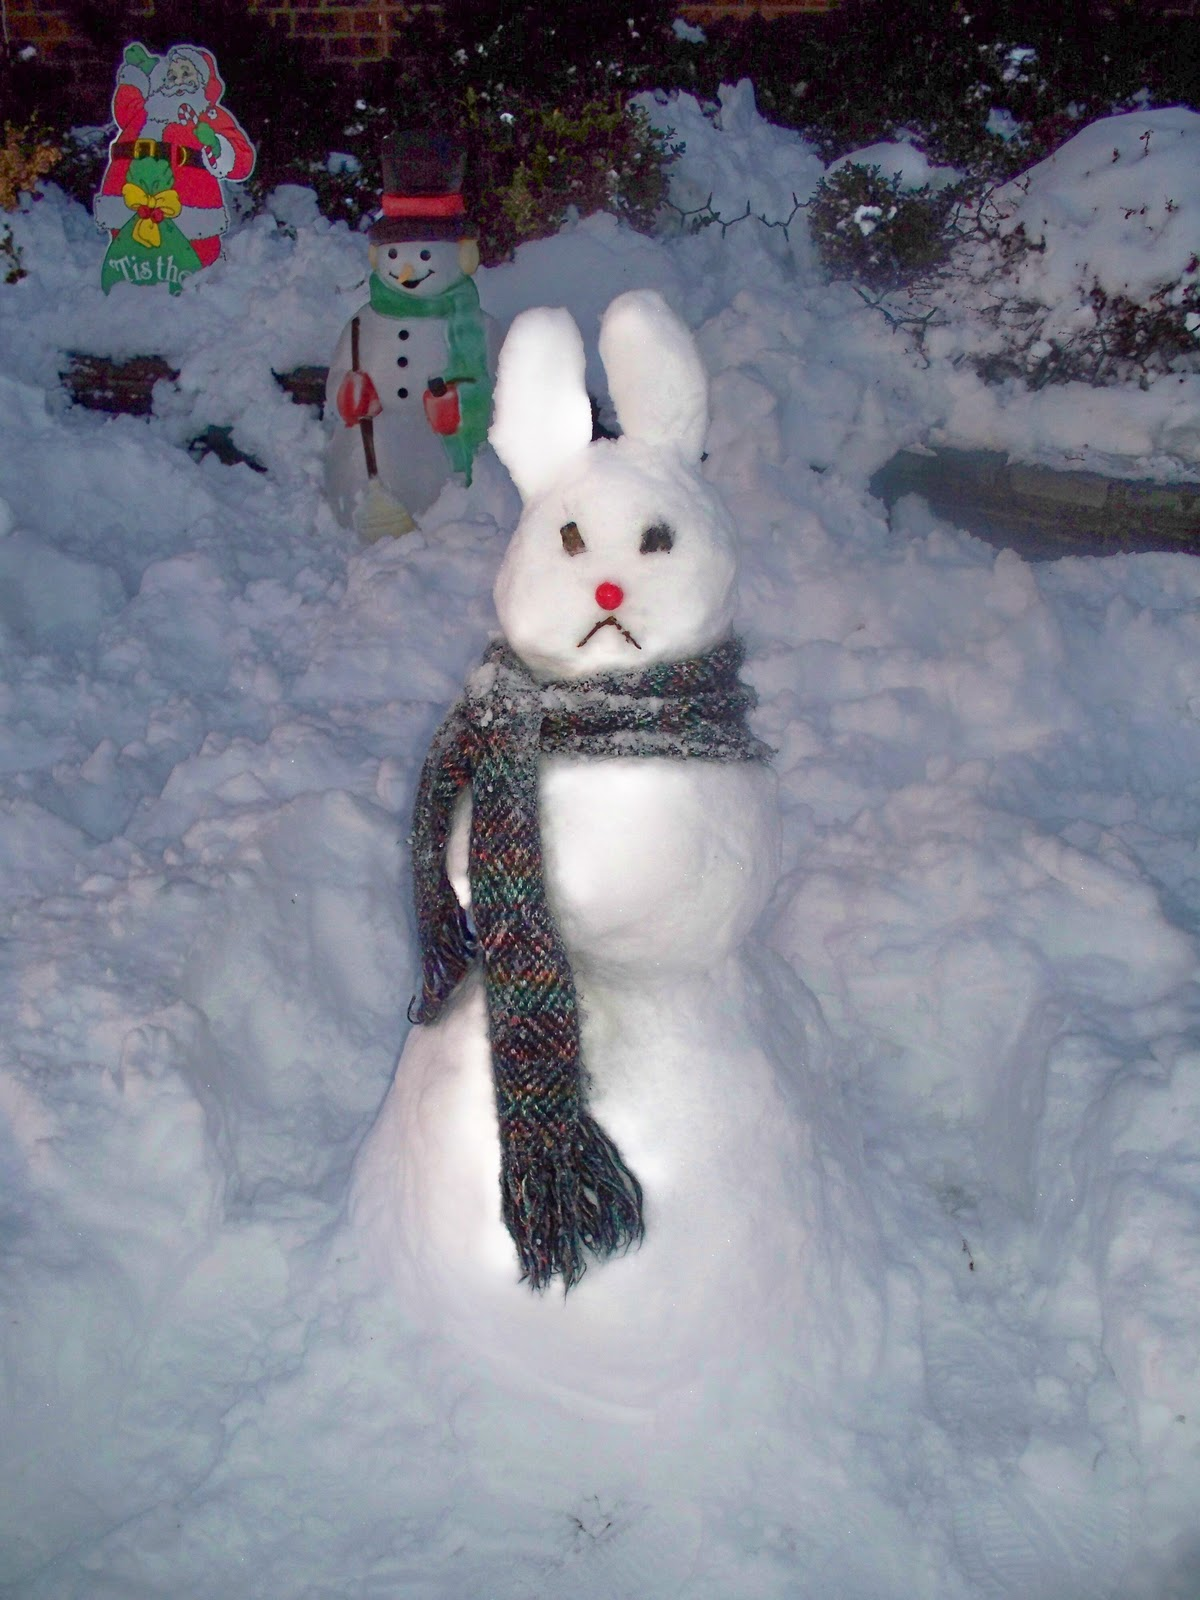 Bunnymond snow bunnies